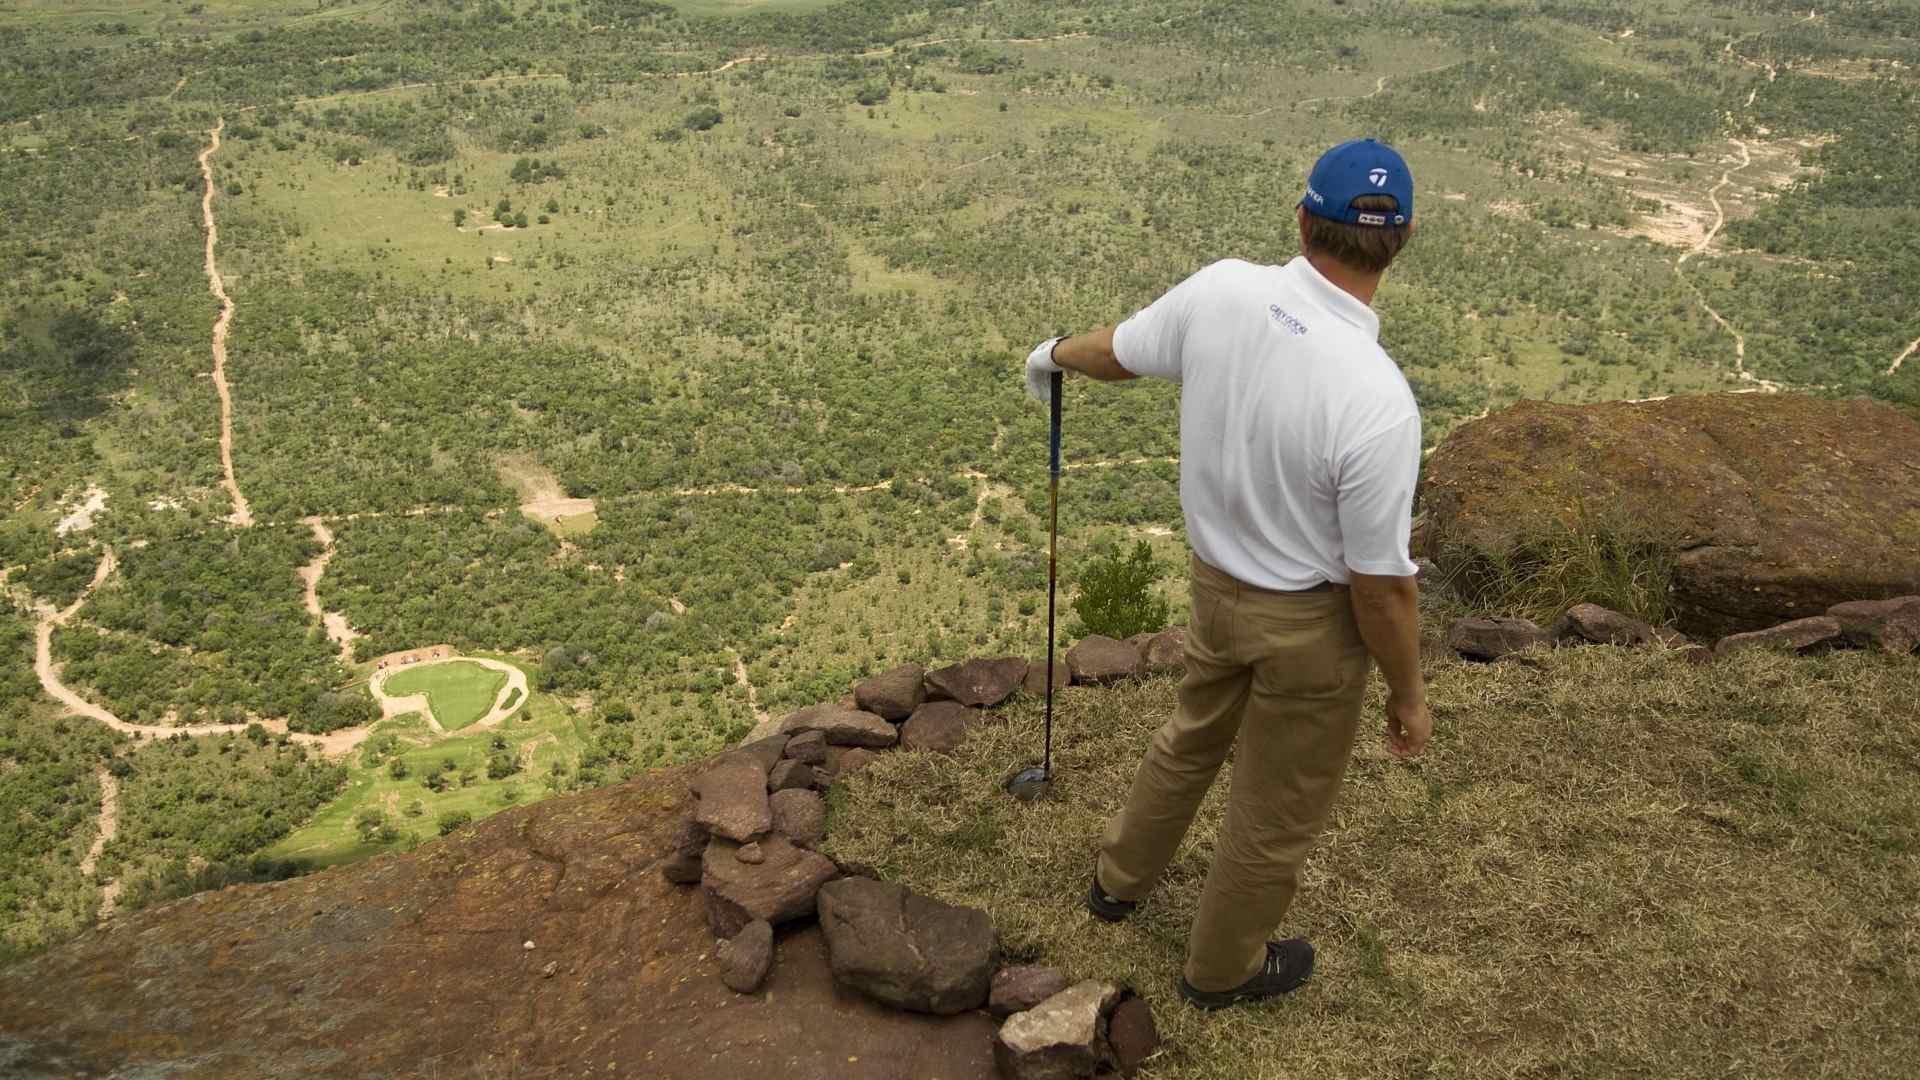 Golf-Legenden, Kruger National Park und das Kap der guten Hoffnung